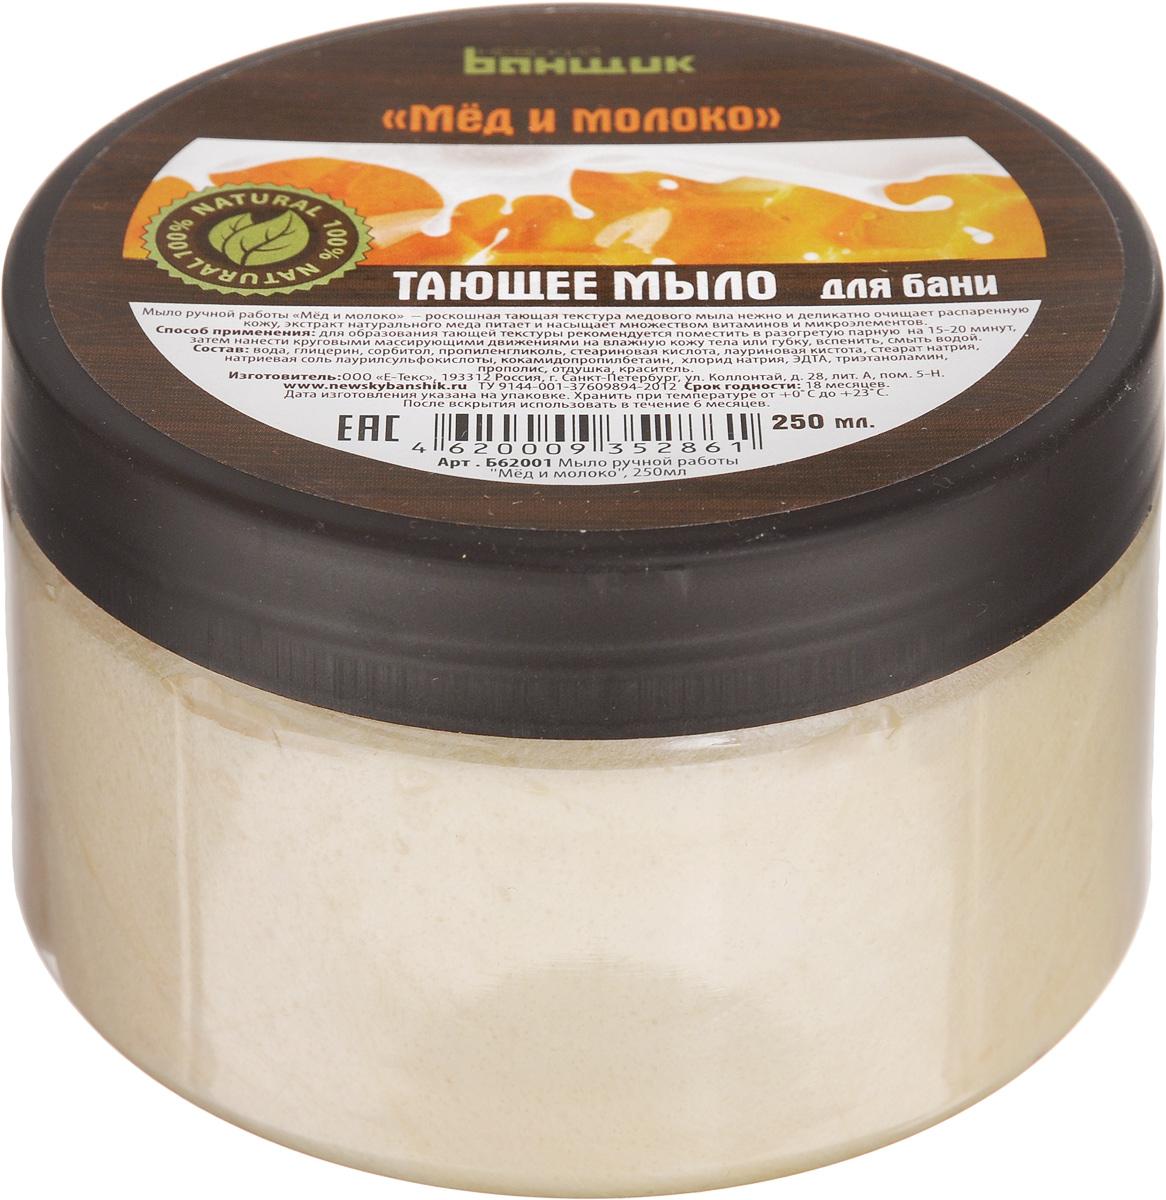 Мыло для бани Невский банщик Мед и молоко, тающее, 250 мл